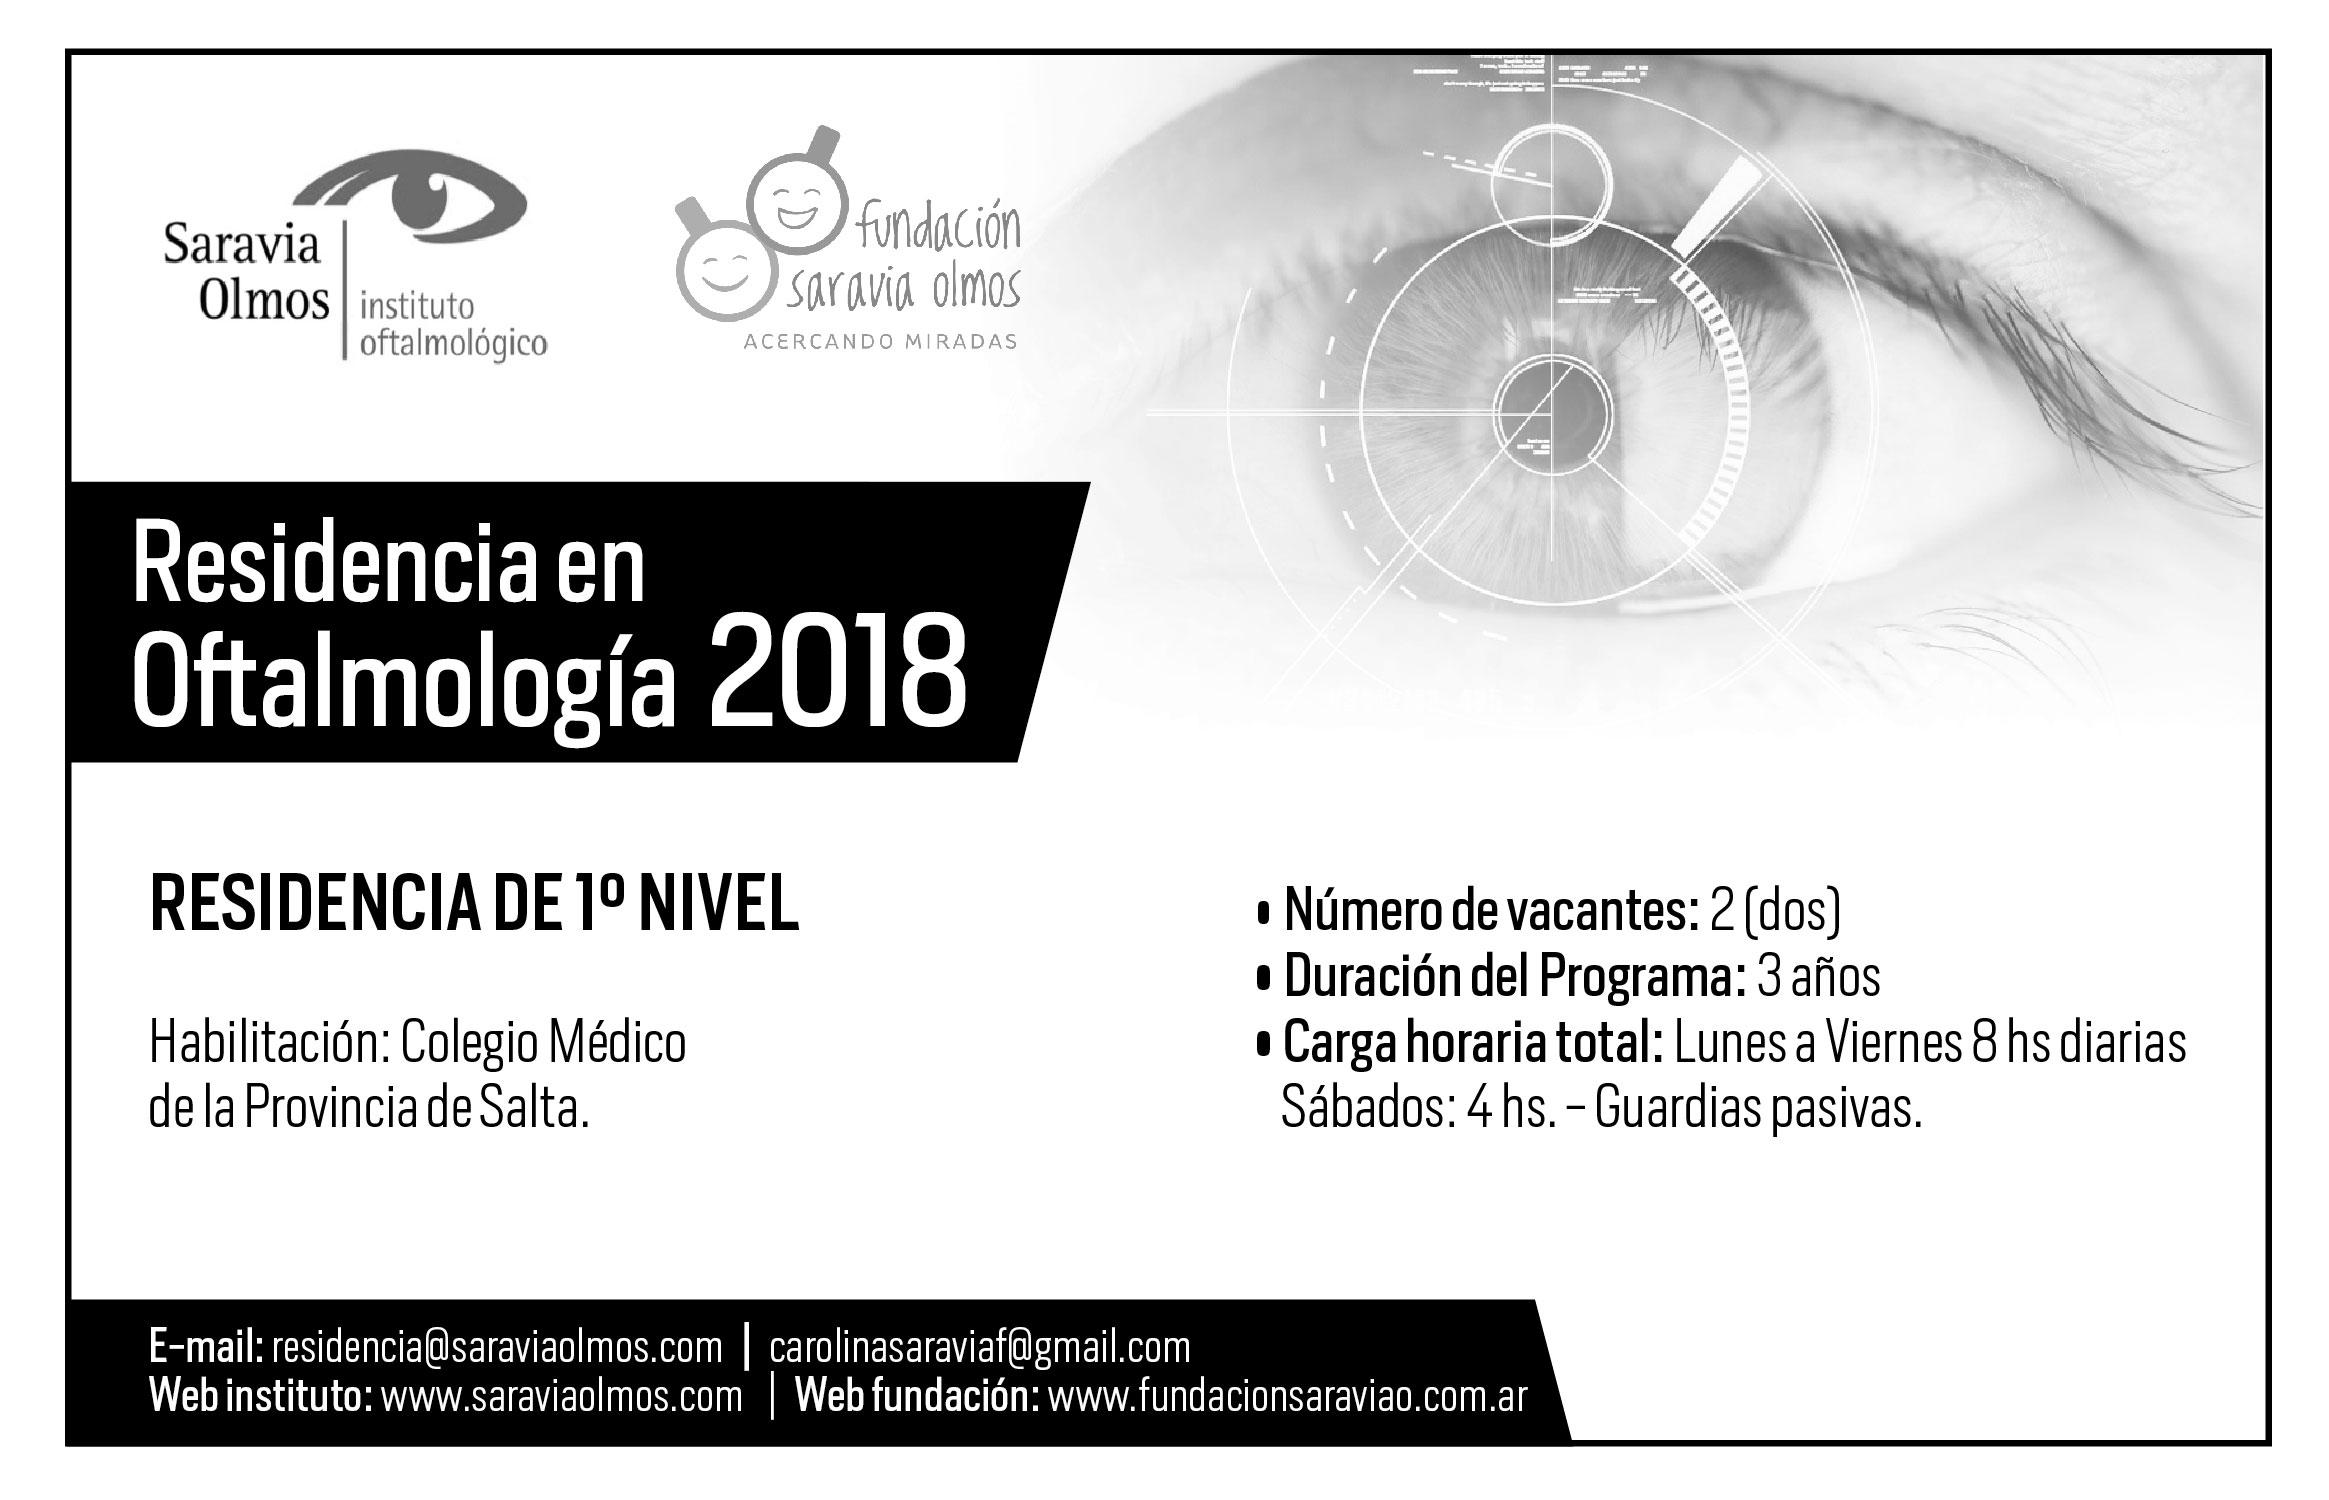 Residencia en Oftalmología 2018 en Salta